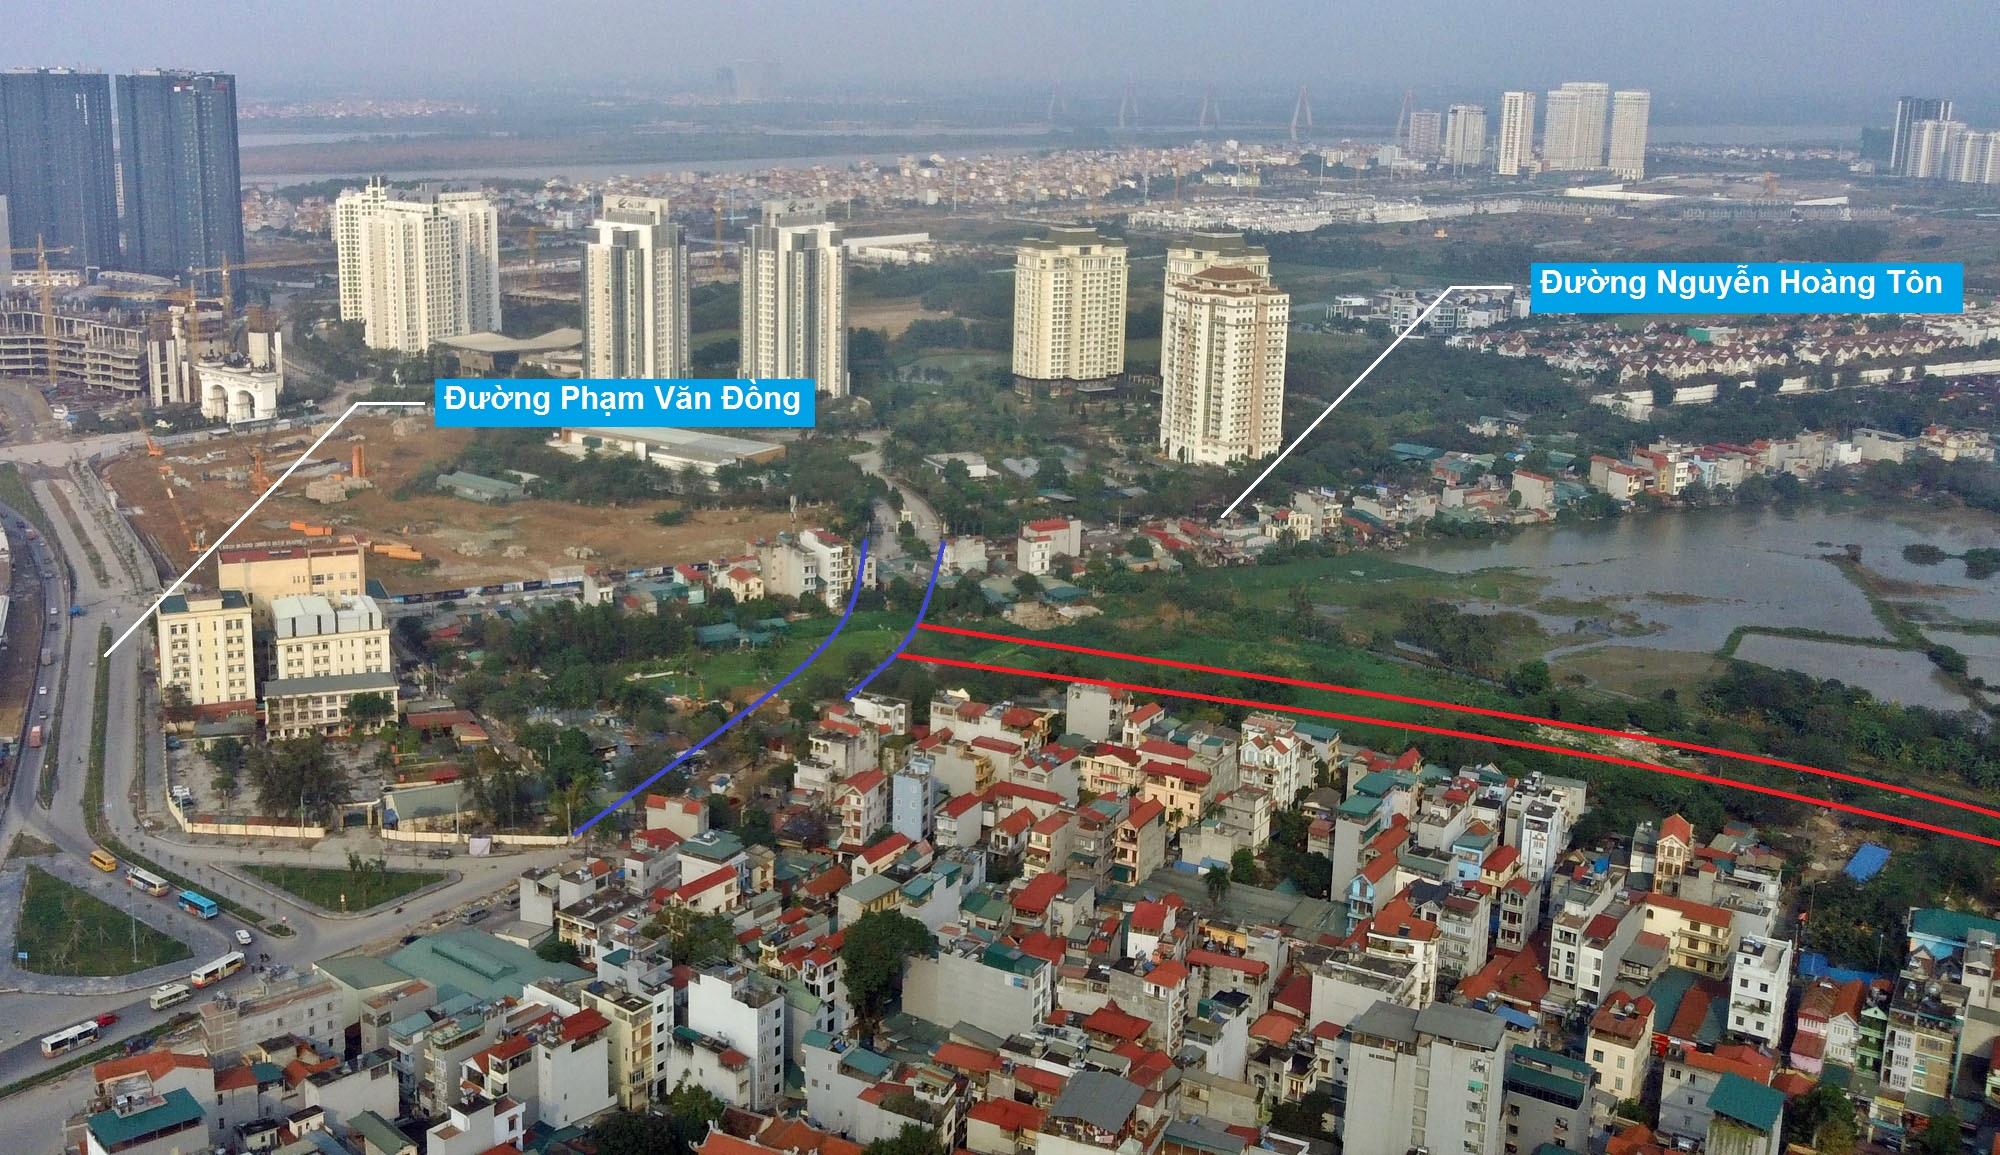 Ba đường sẽ mở theo qui hoạch ở phường Xuân Đỉnh, Bắc Từ Liêm, Hà Nội (phần 2) - Ảnh 10.